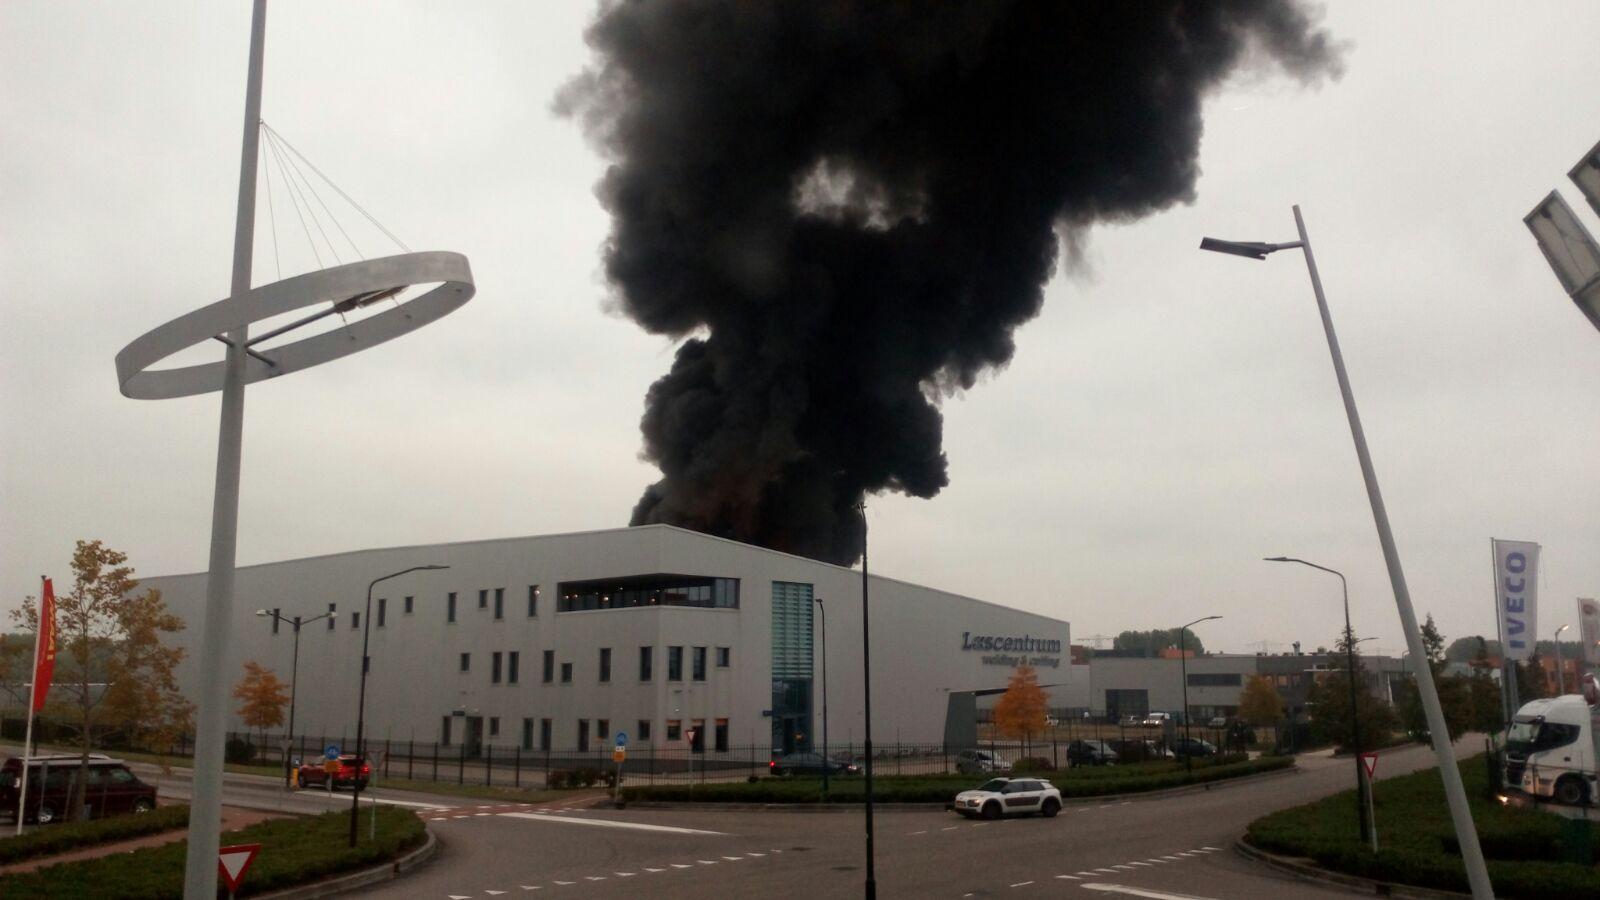 Uitslaande brand verwoest bedrijfsloods Nieuwland Parc Alblassedam